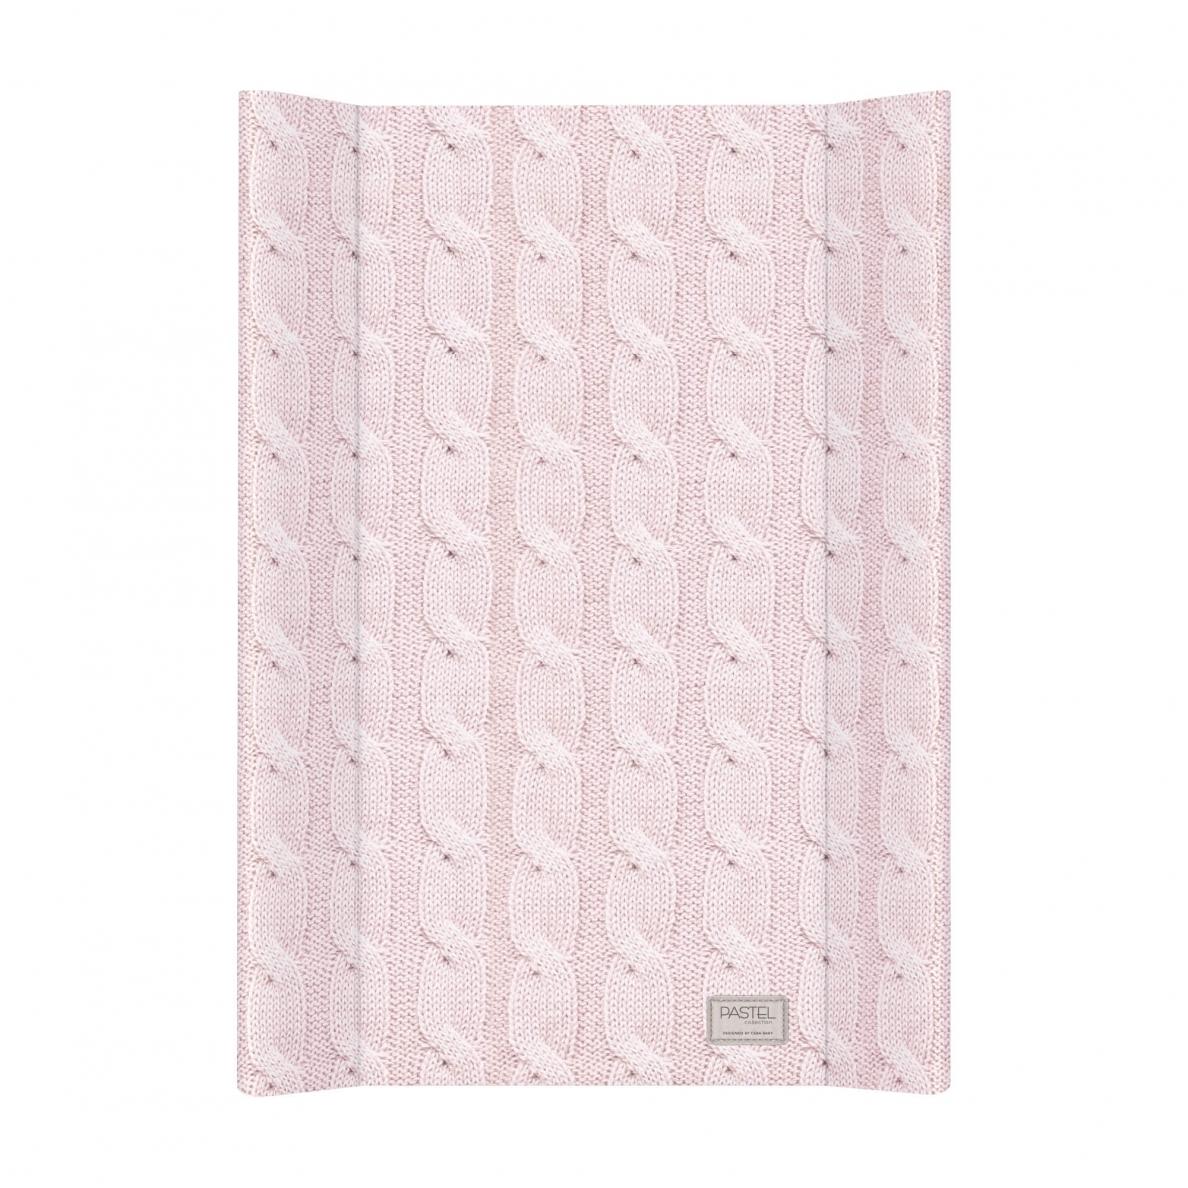 Cebababy vystymo lenta kieta, 70 cm, PASTEL, megzta raštais-rožinė